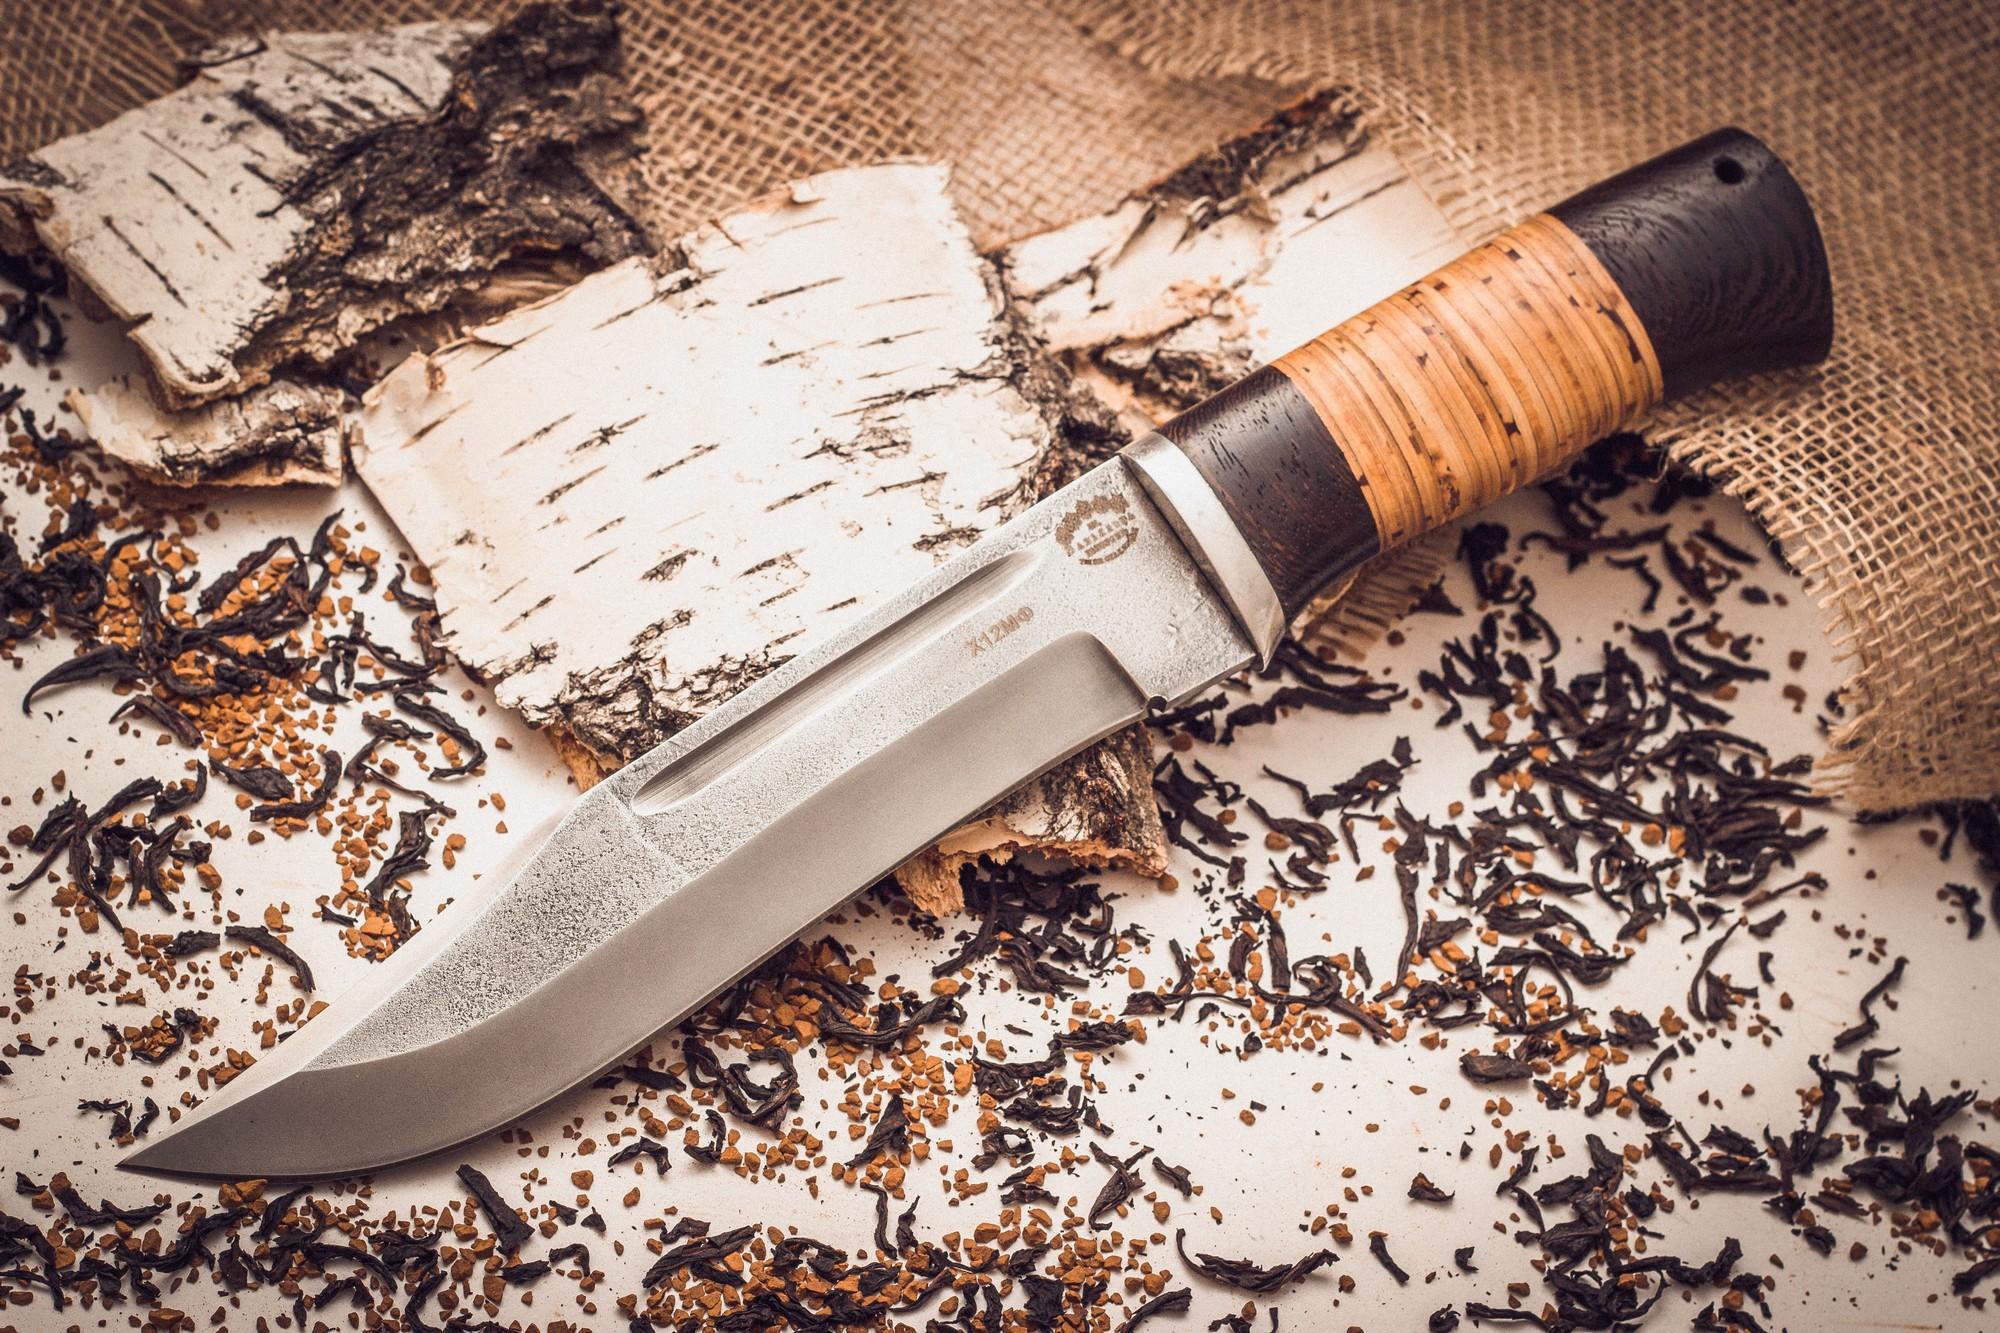 Нож Пустынный орел кованый Х12МФ, береста детская мебель орел